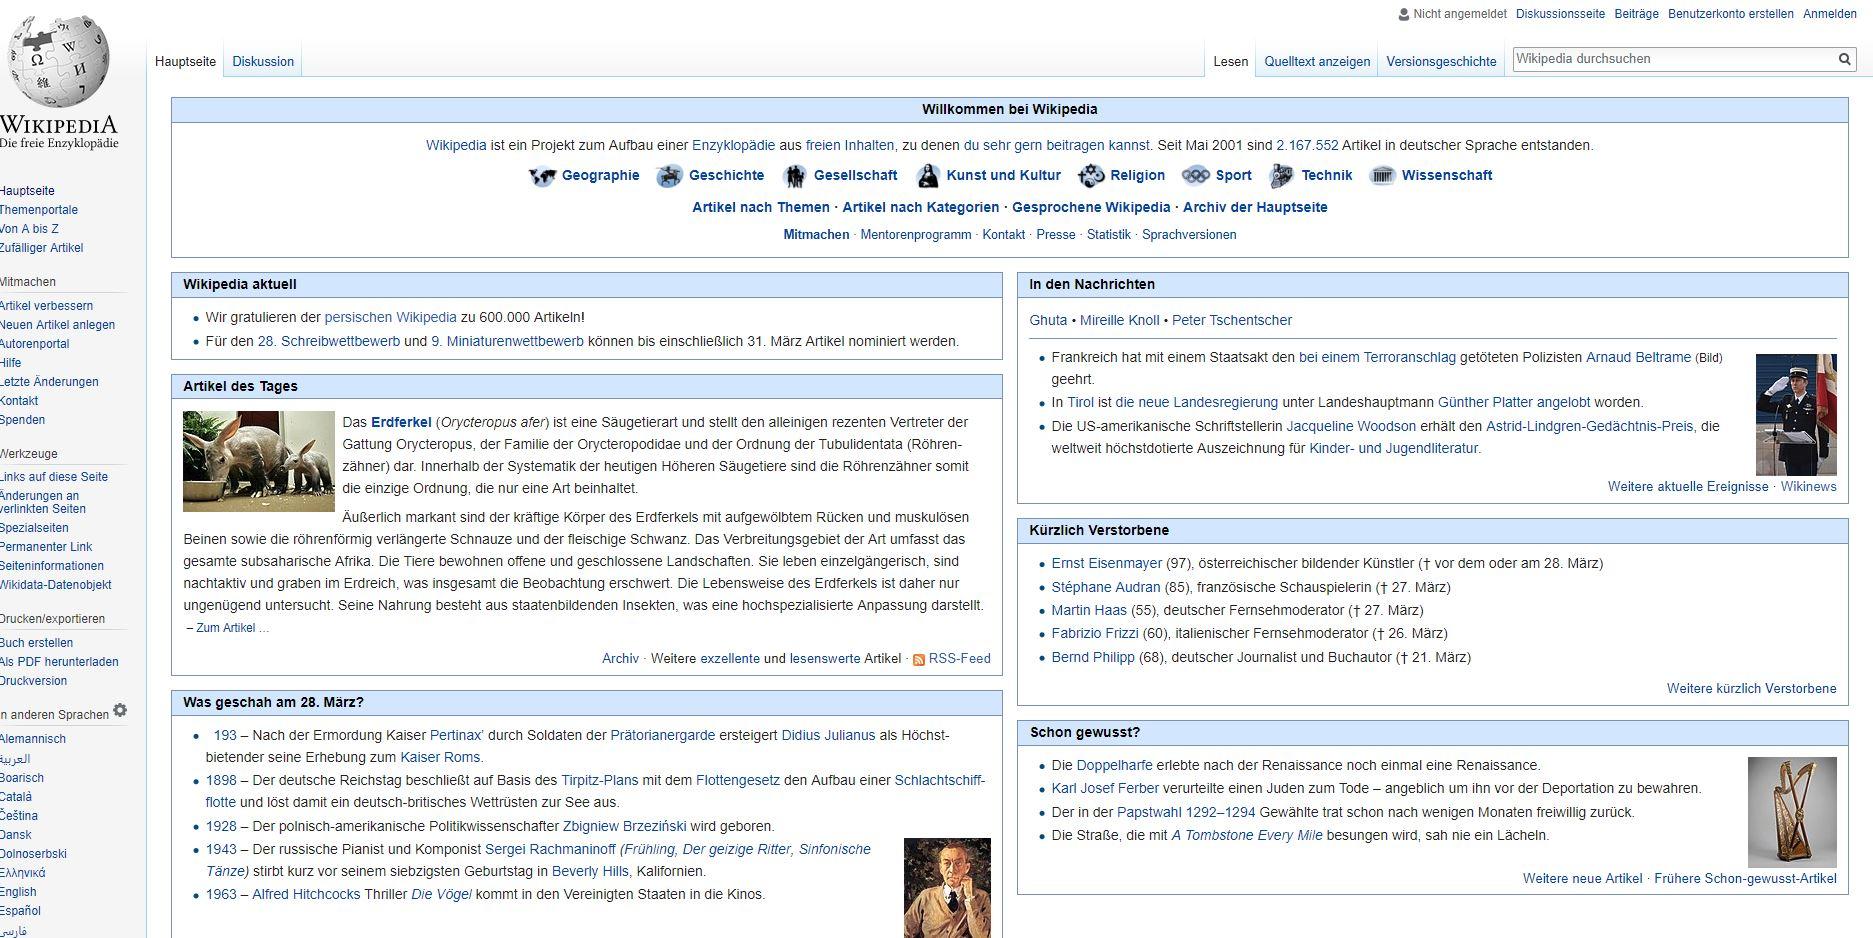 Großzügig Computer Fähigkeiten Liste Lebenslauf Galerie - Beispiel ...